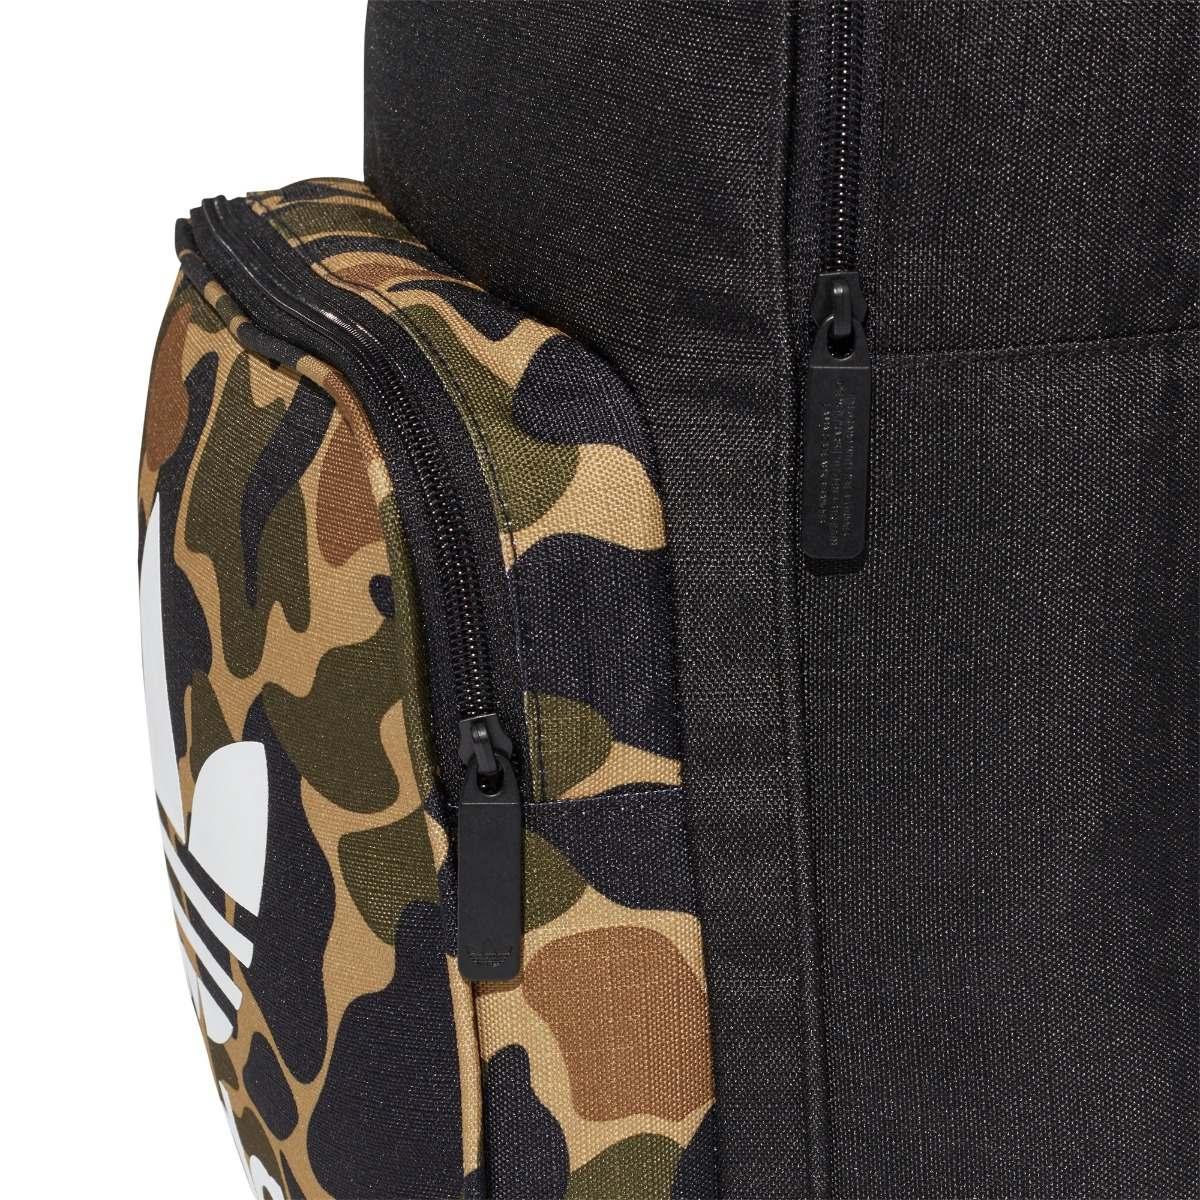 93d05fea0 Mochila adidas Classic Camuflaje- Originals - $ 1.494,00 en Mercado ...